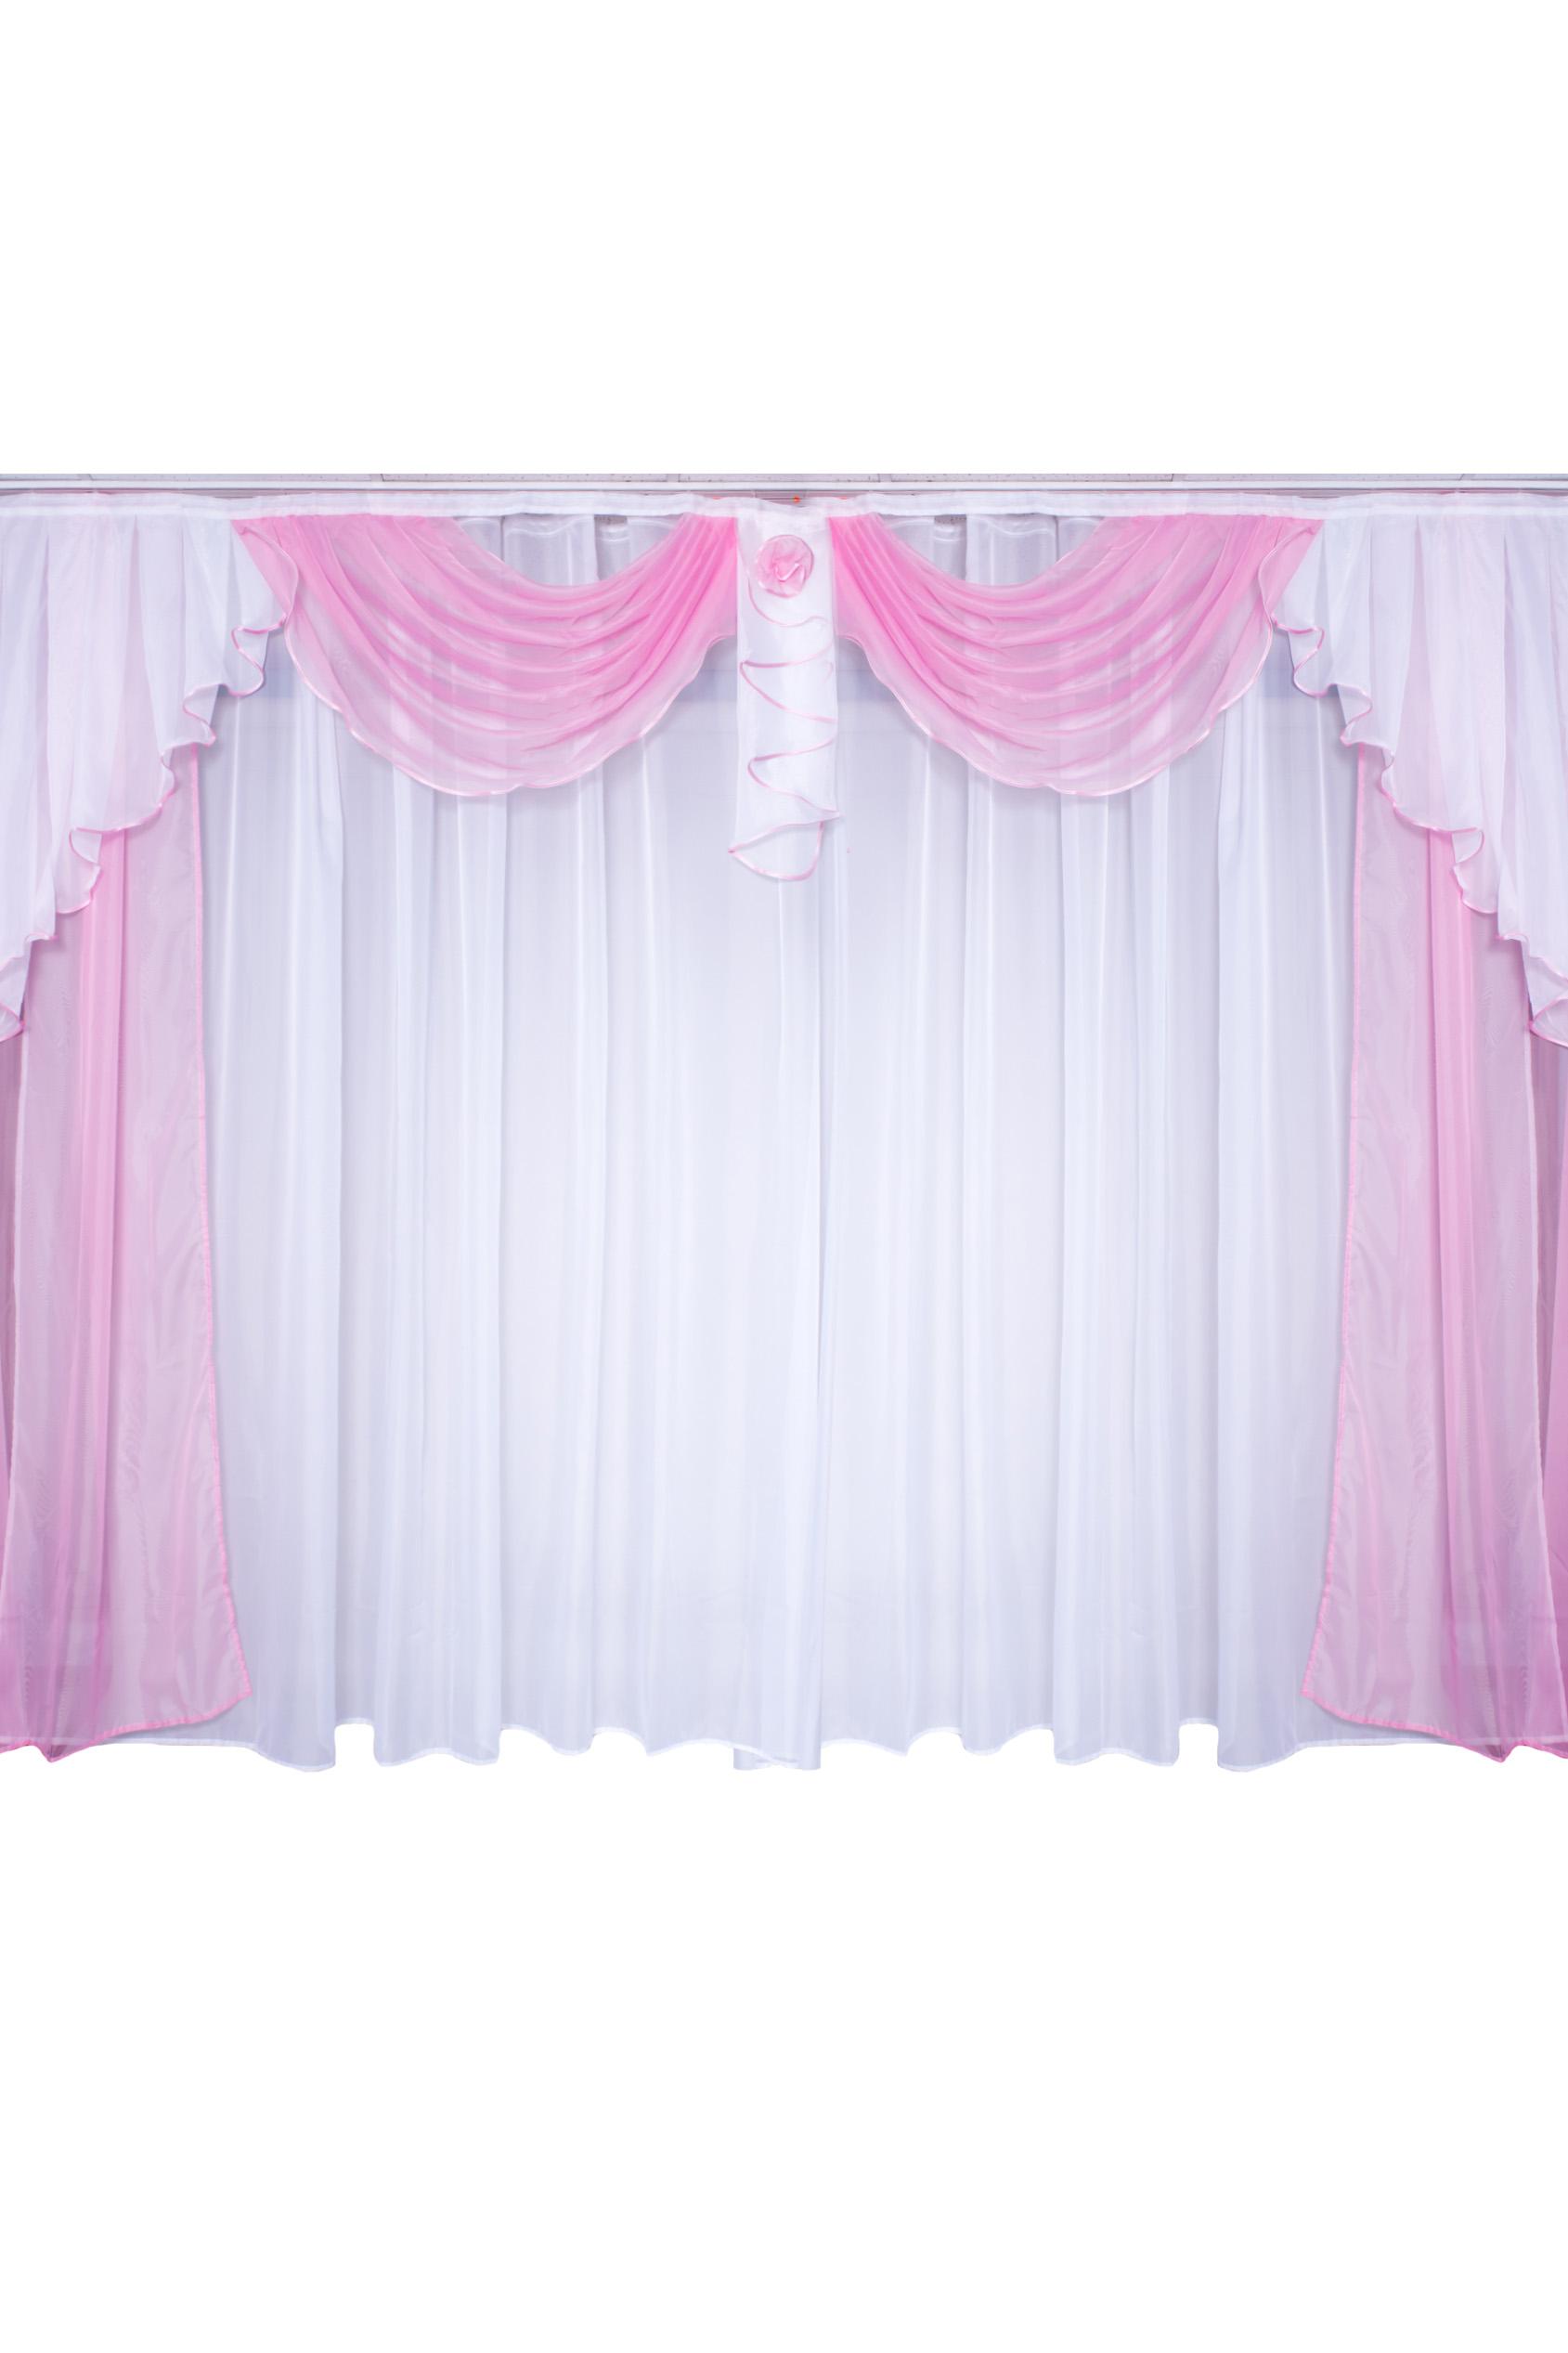 Комплект шторДля комнаты<br>Чудесные шторы для комнаты. Украсте свой дом с нашими изделиями  Цвет: розовый, белый.  В комплект входят: Шторы -  150*250 - 2шт Вуаль - 500*250<br><br>Карниз: Трехрядный<br>По материалу: Вуаль<br>По рисунку: Однотонные<br>Размеры: До пола<br>Размер : 300*250<br>Материал: Вуаль<br>Количество в наличии: 1